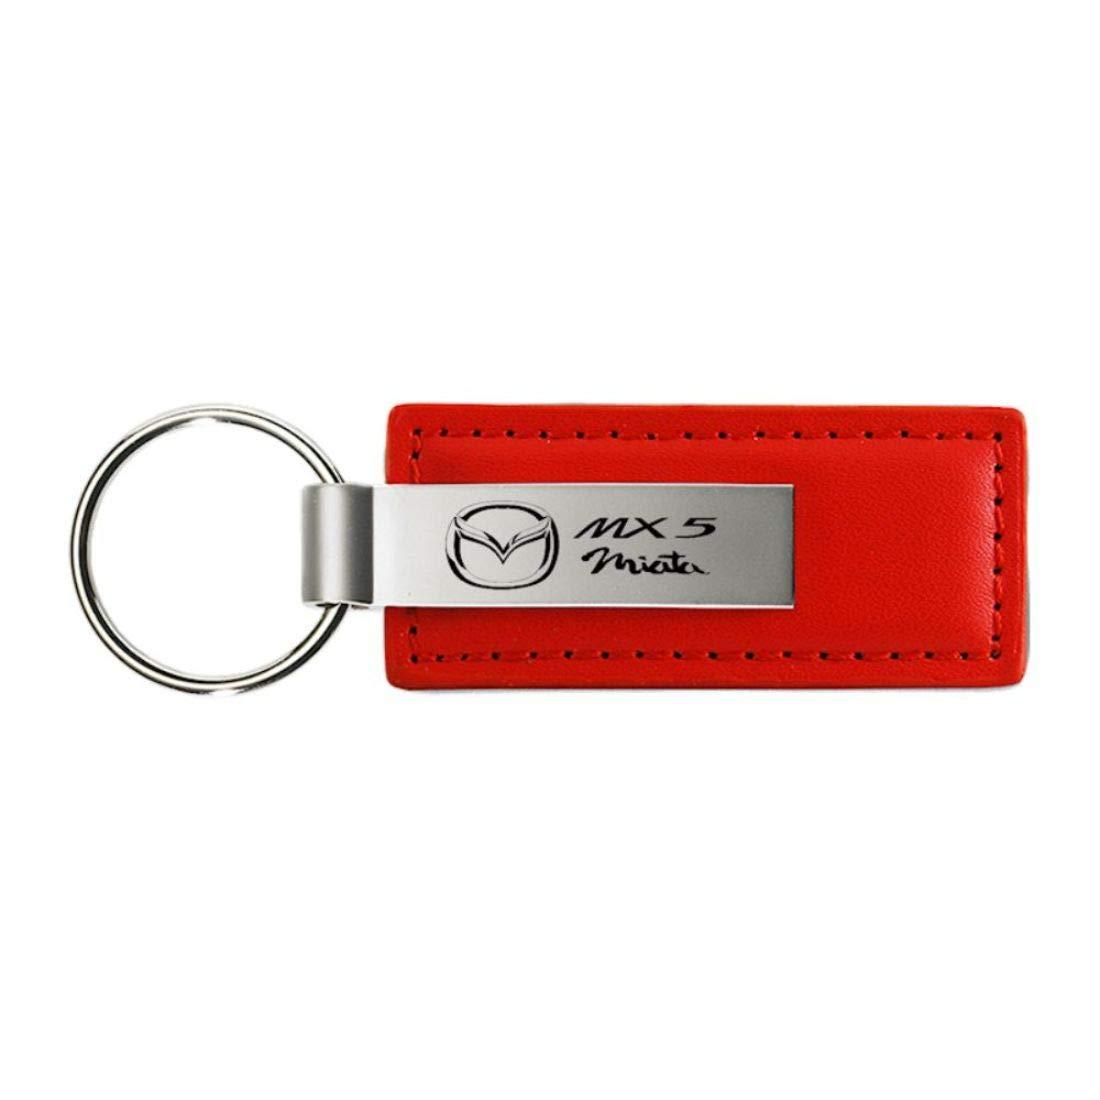 DanteGTS Mazda Miata MX5/Llavero Rojo de Piel aut/éntica Logotipo Clave Cadena Clave Anillo Llavero cord/ón 3,5/cm L x 2,54/cm W